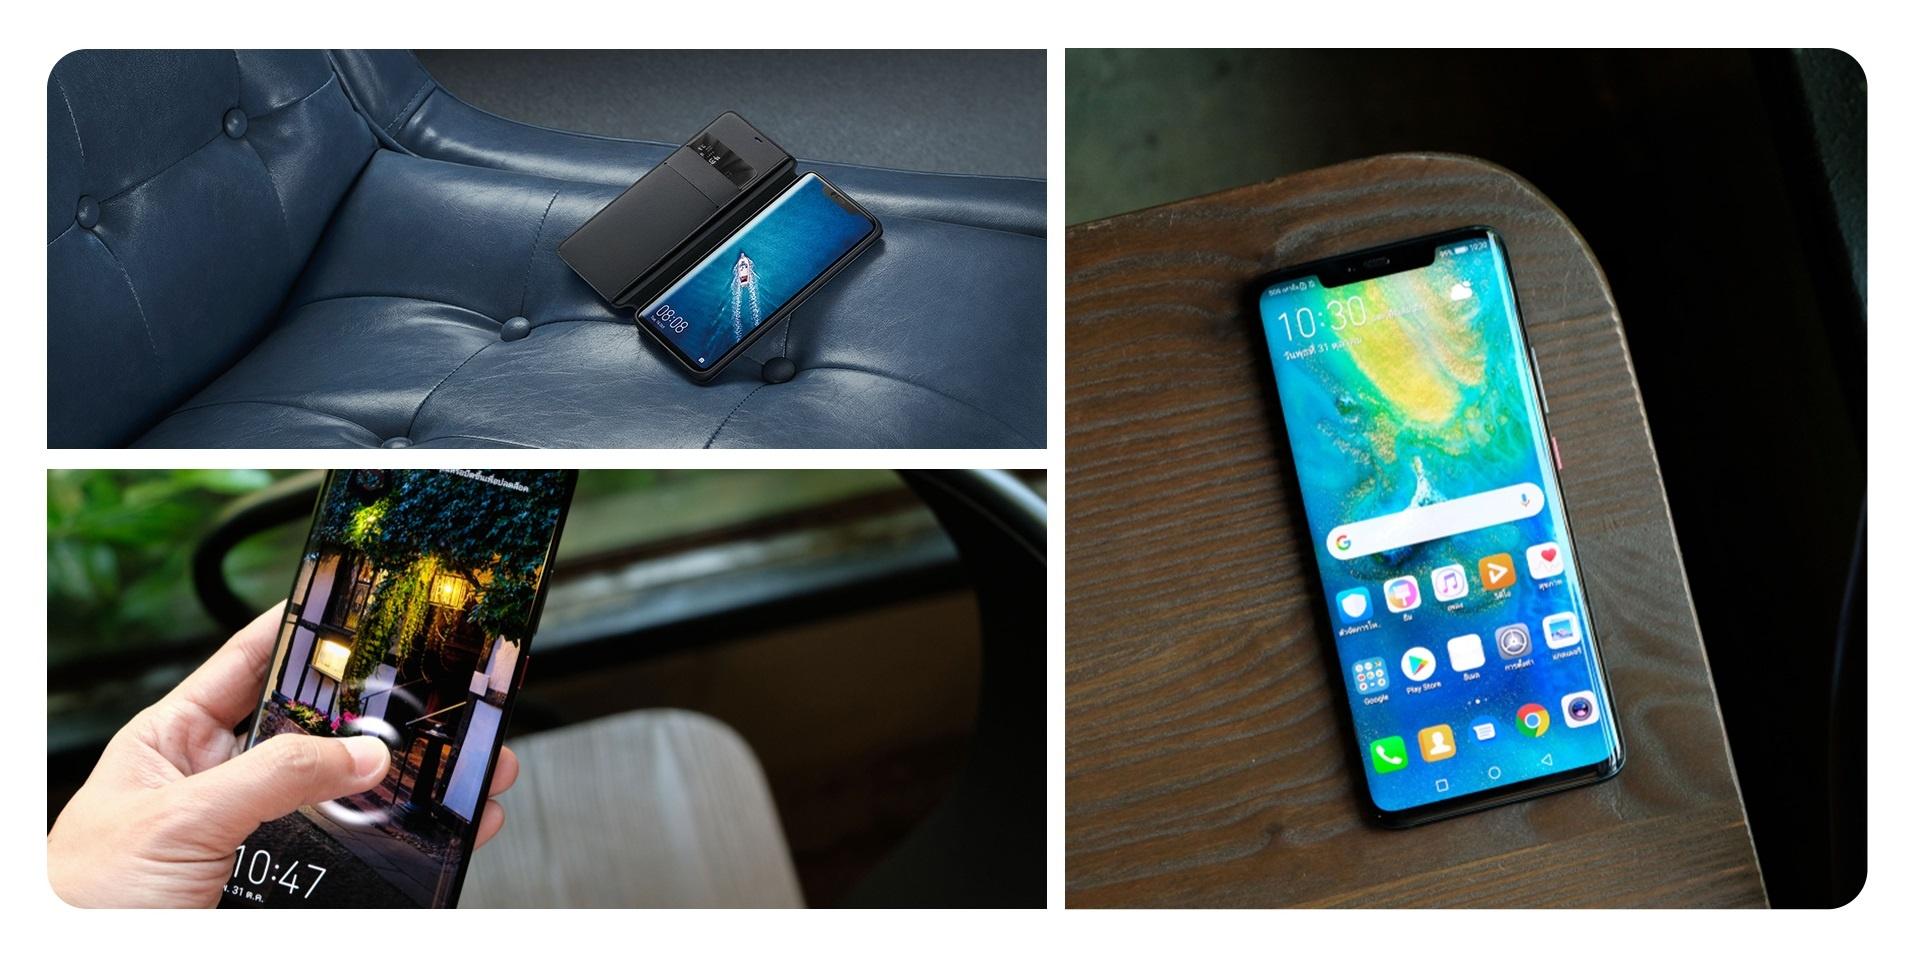 Huawei - no luc nghiem tuc duoc den dap hinh anh 11